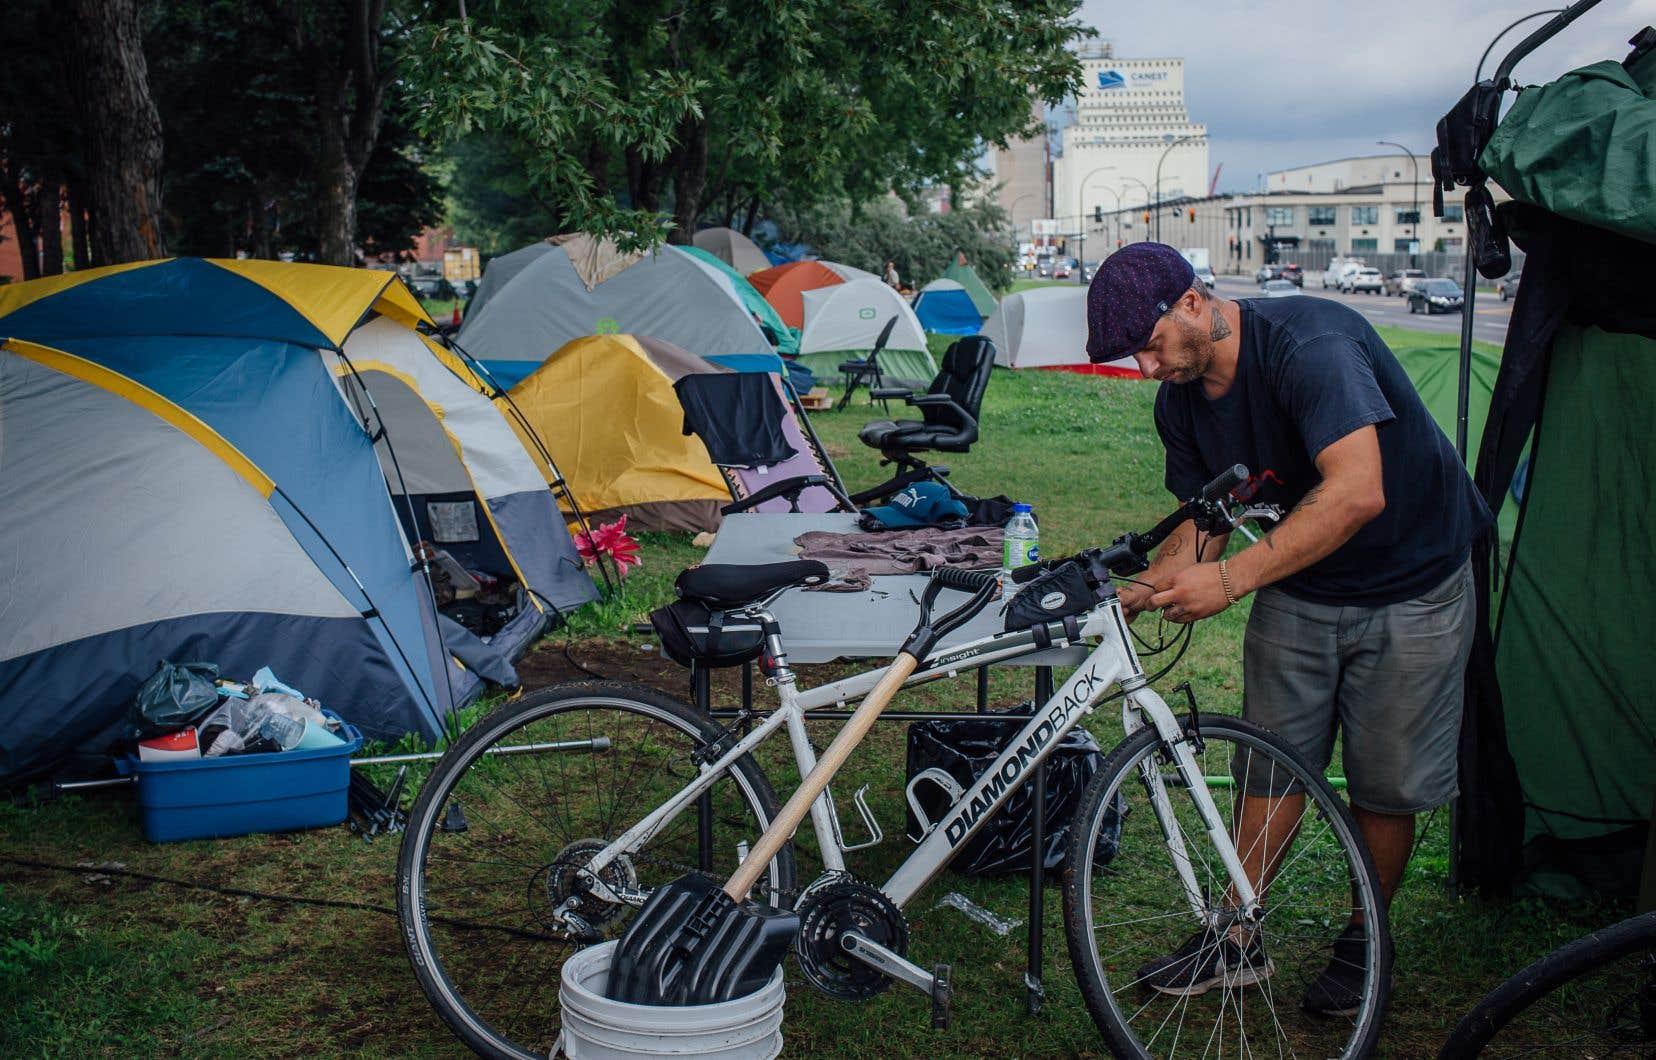 Francis Lévesque- Goulet, une personne en situation d'itinérance de 33 ans, offre de réparer tout ce qu'on lui apporte, que ce soit un vélo ou un ordinateur. Il habite le «camping Beauport Notre-Dame» depuis deux mois.